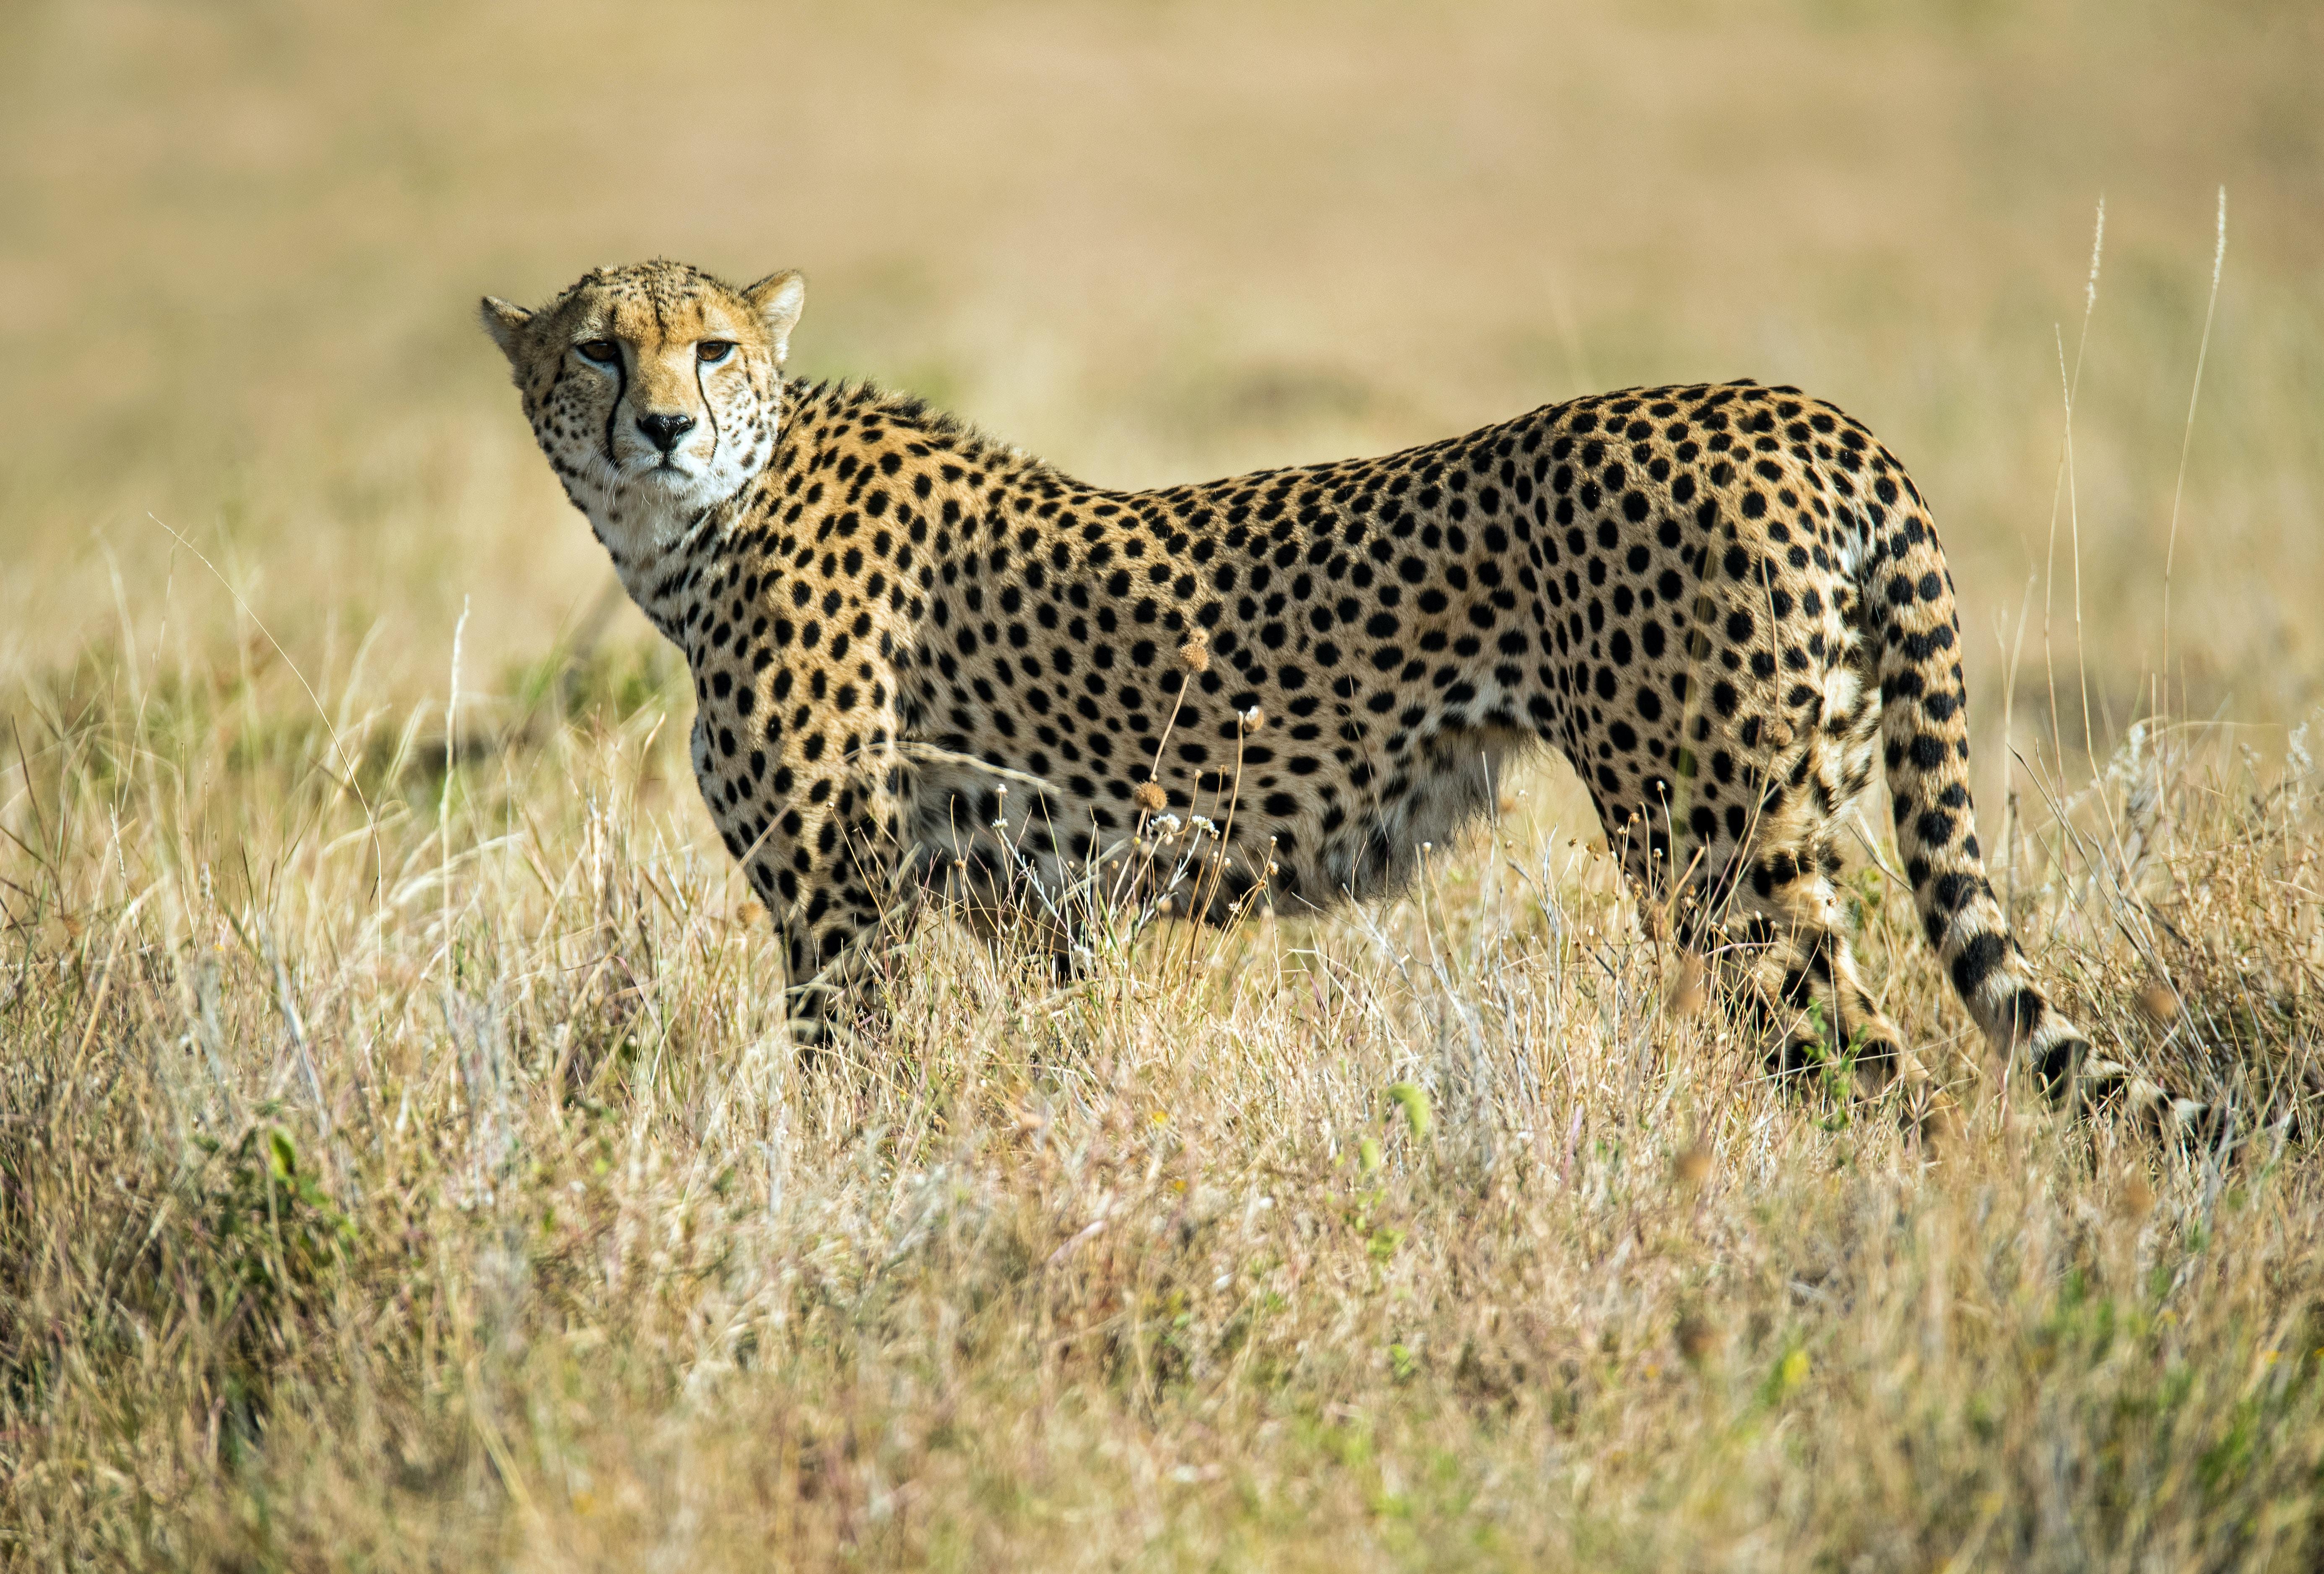 wildlife photo of cheetah